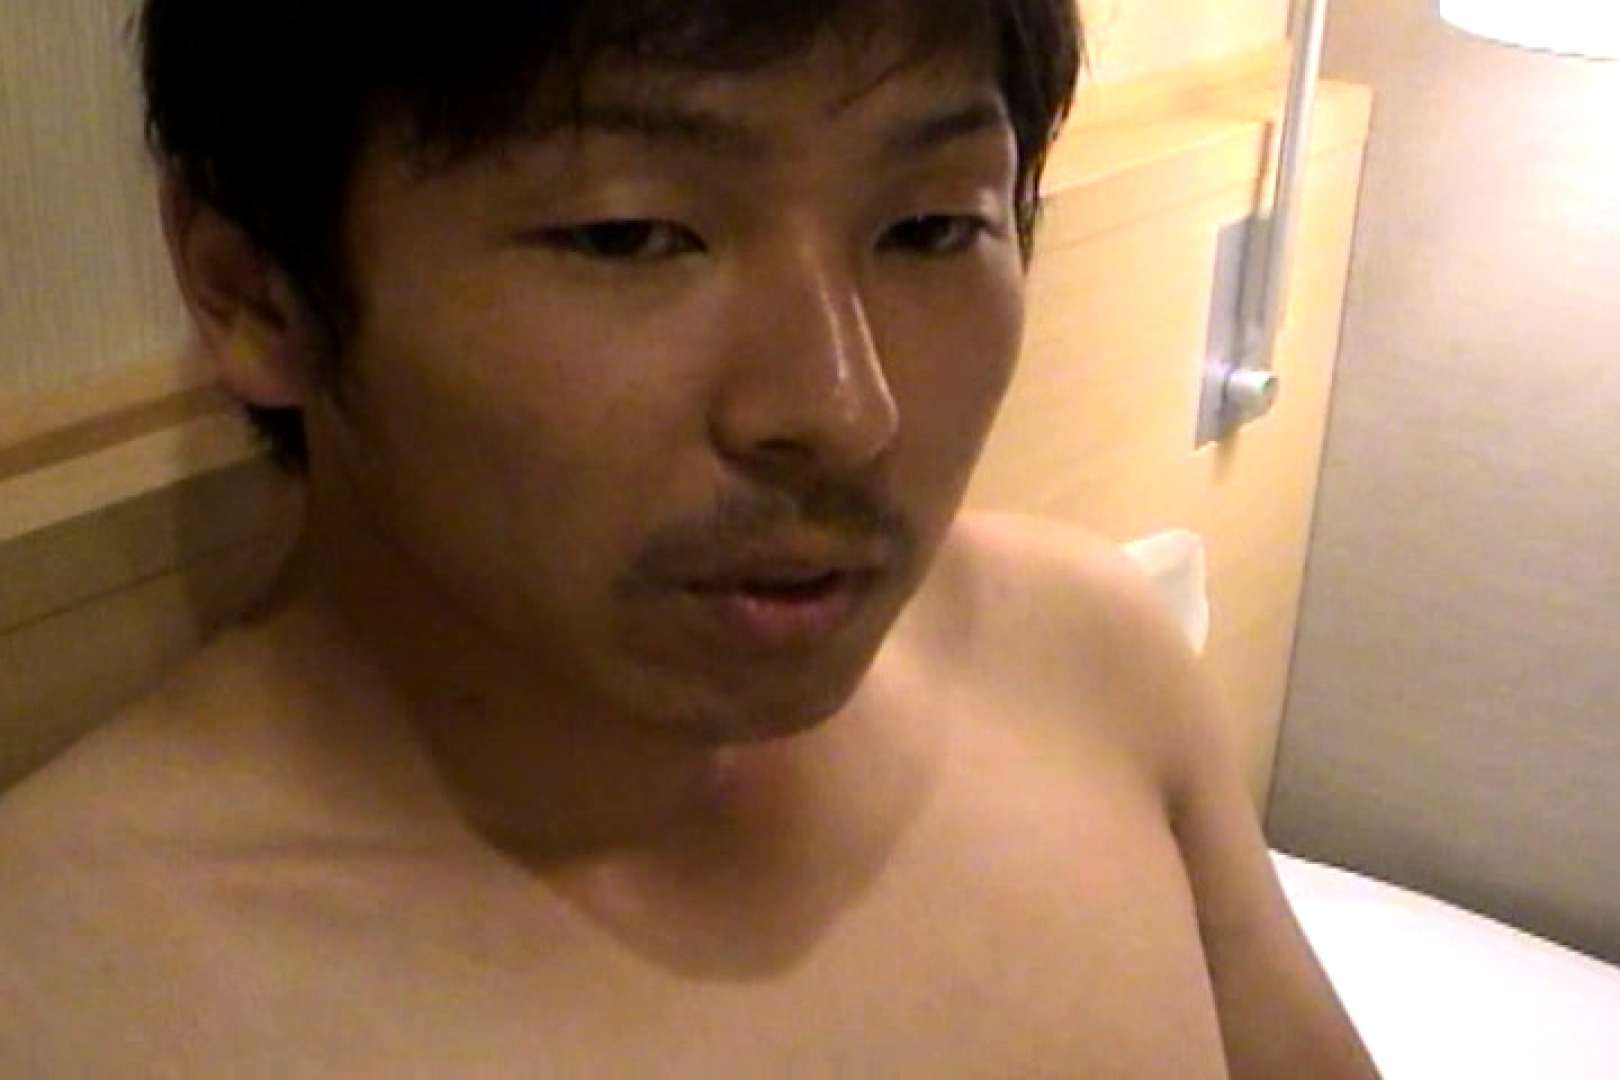 三ツ星シリーズ 魅惑のMemorial Night!! 突入02 フェラ天国 | ゲイのオナニー映像  75枚 1